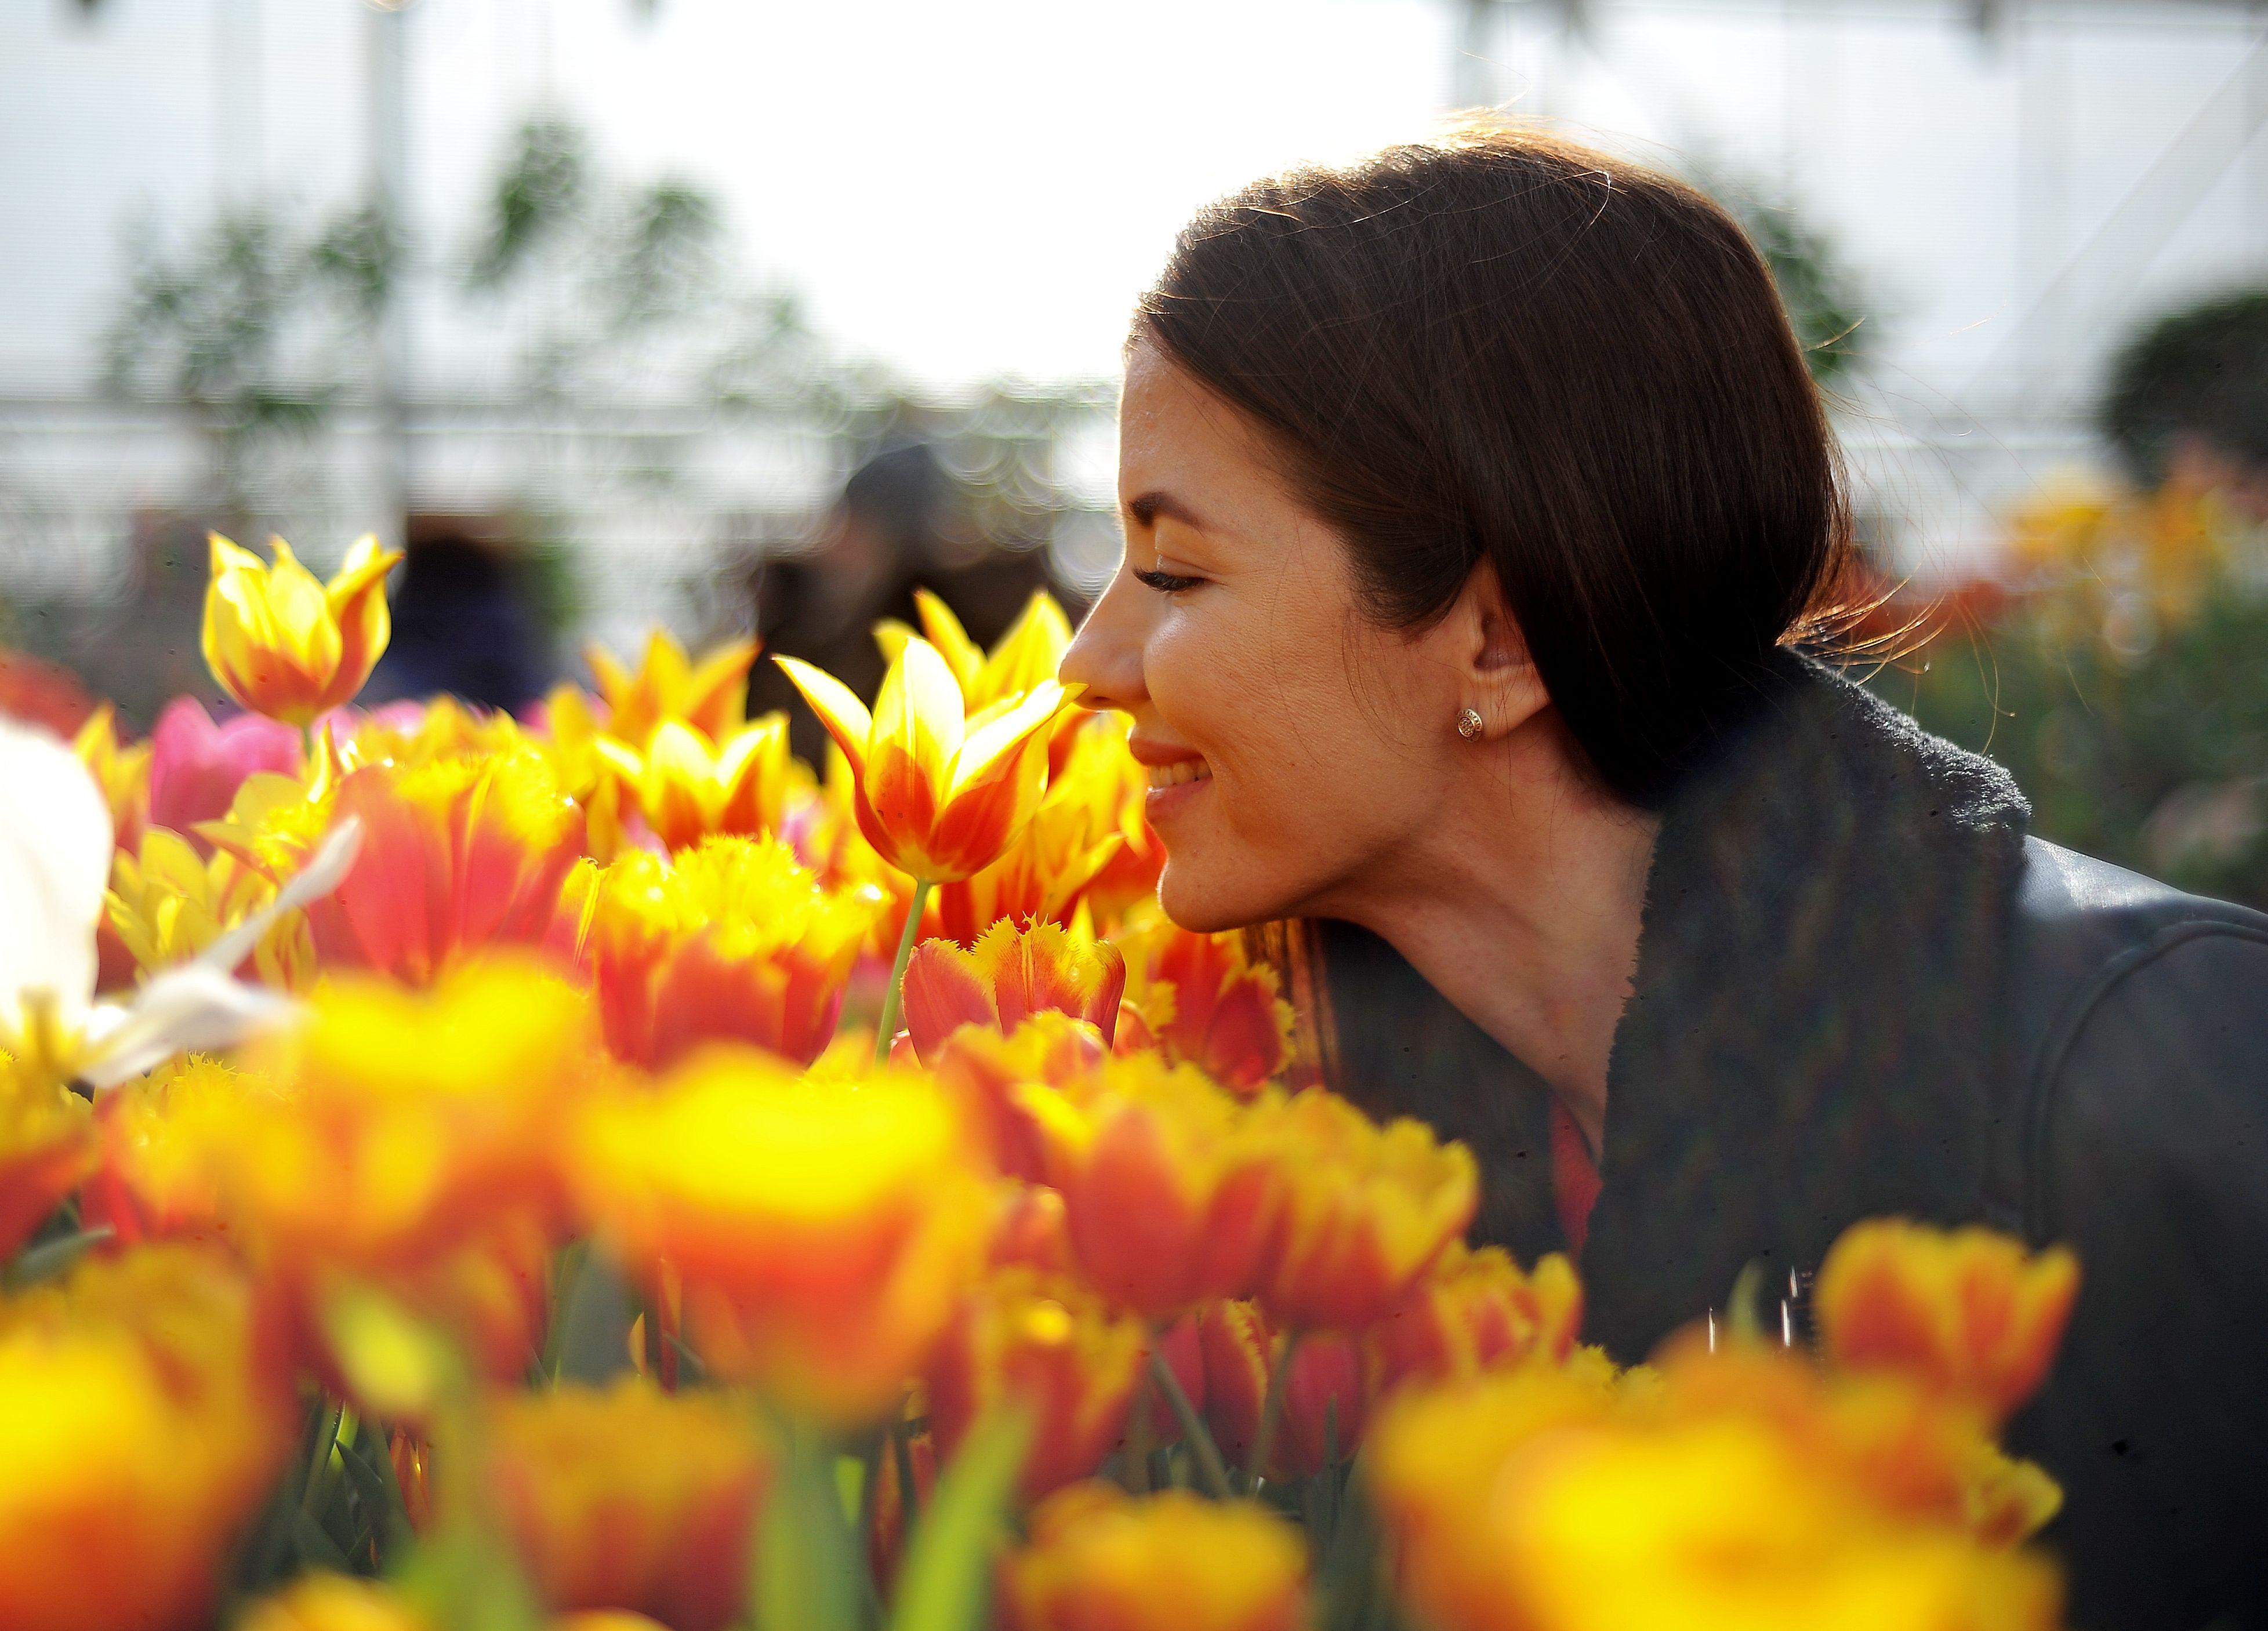 Клумбы Москвы украсят миллионы тюльпанов к Дню Победы